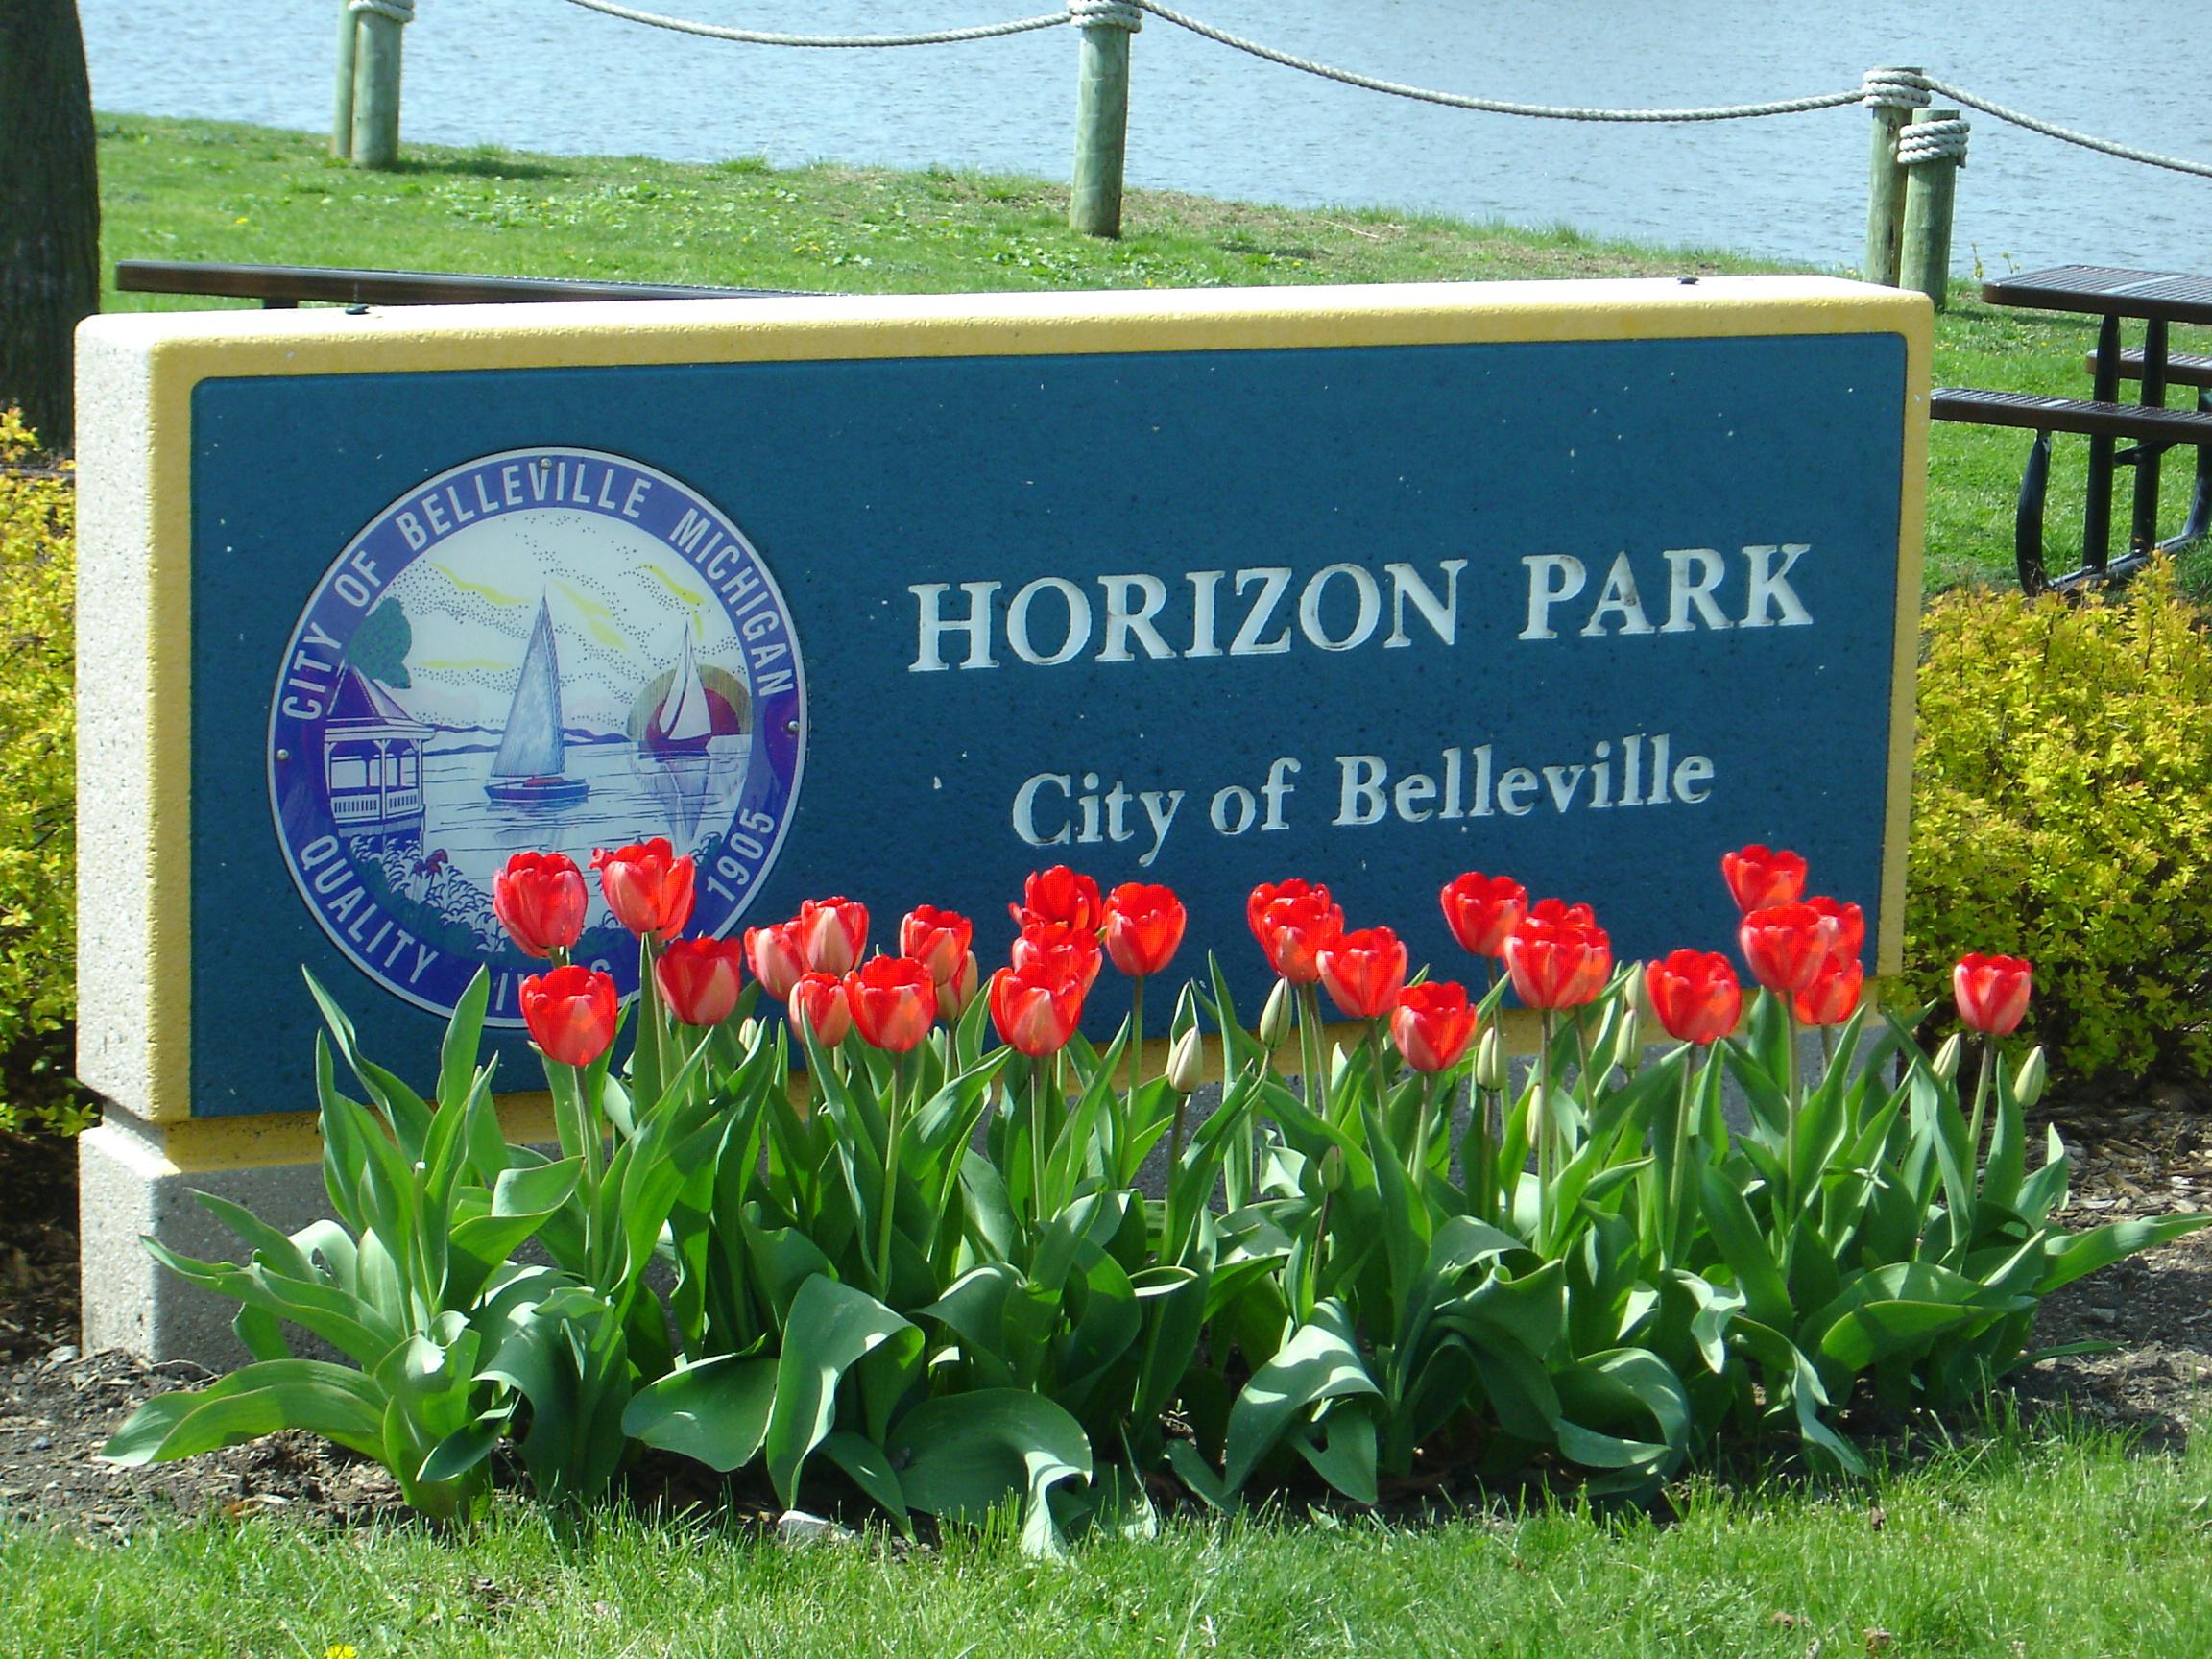 City of Belleville – Official Website